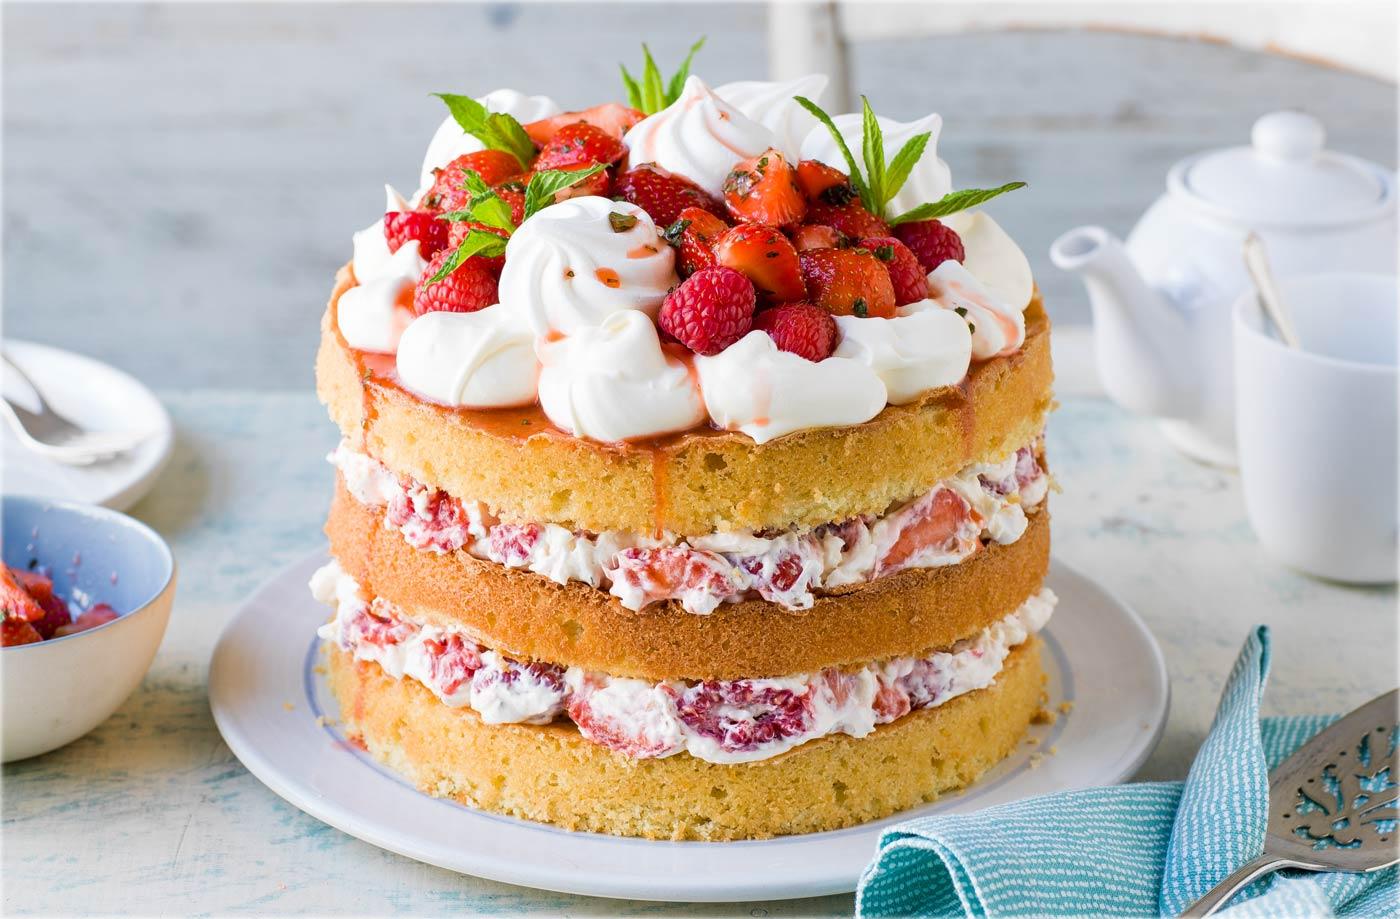 Tesco Victoria Cream Cakes